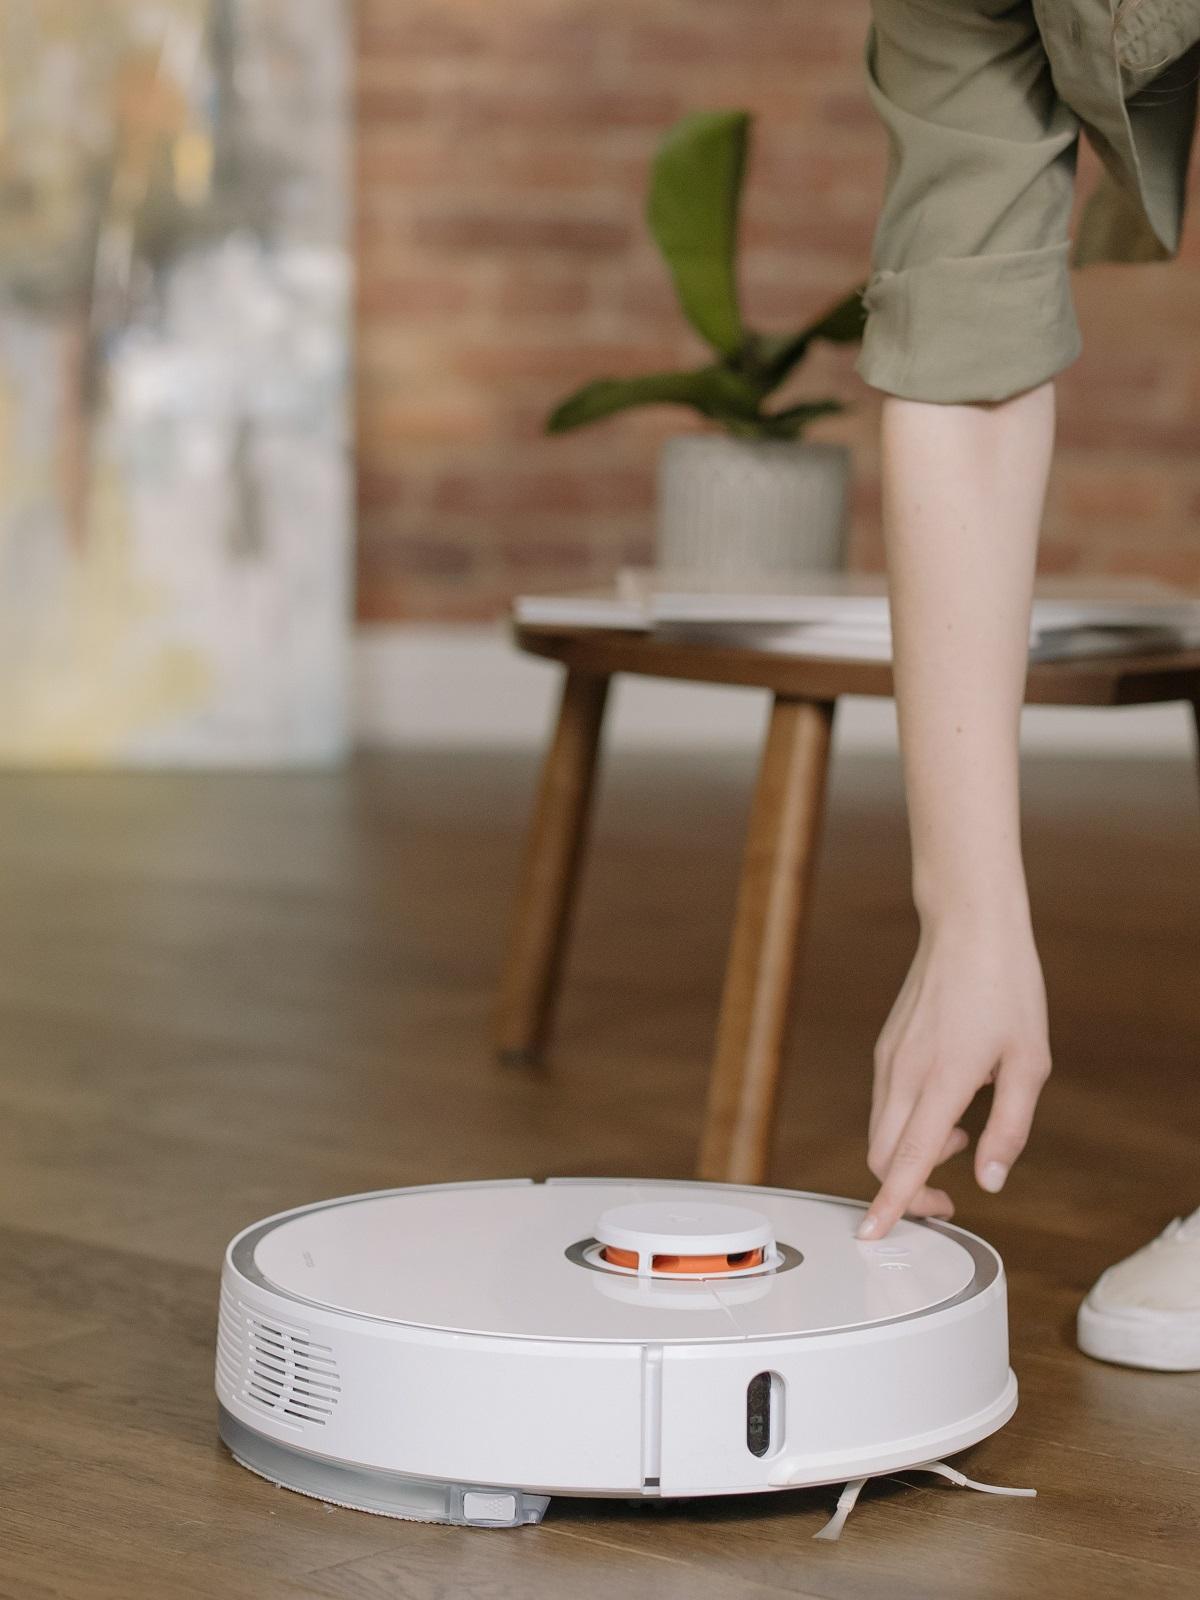 Описание робота пылесоса — как он работает